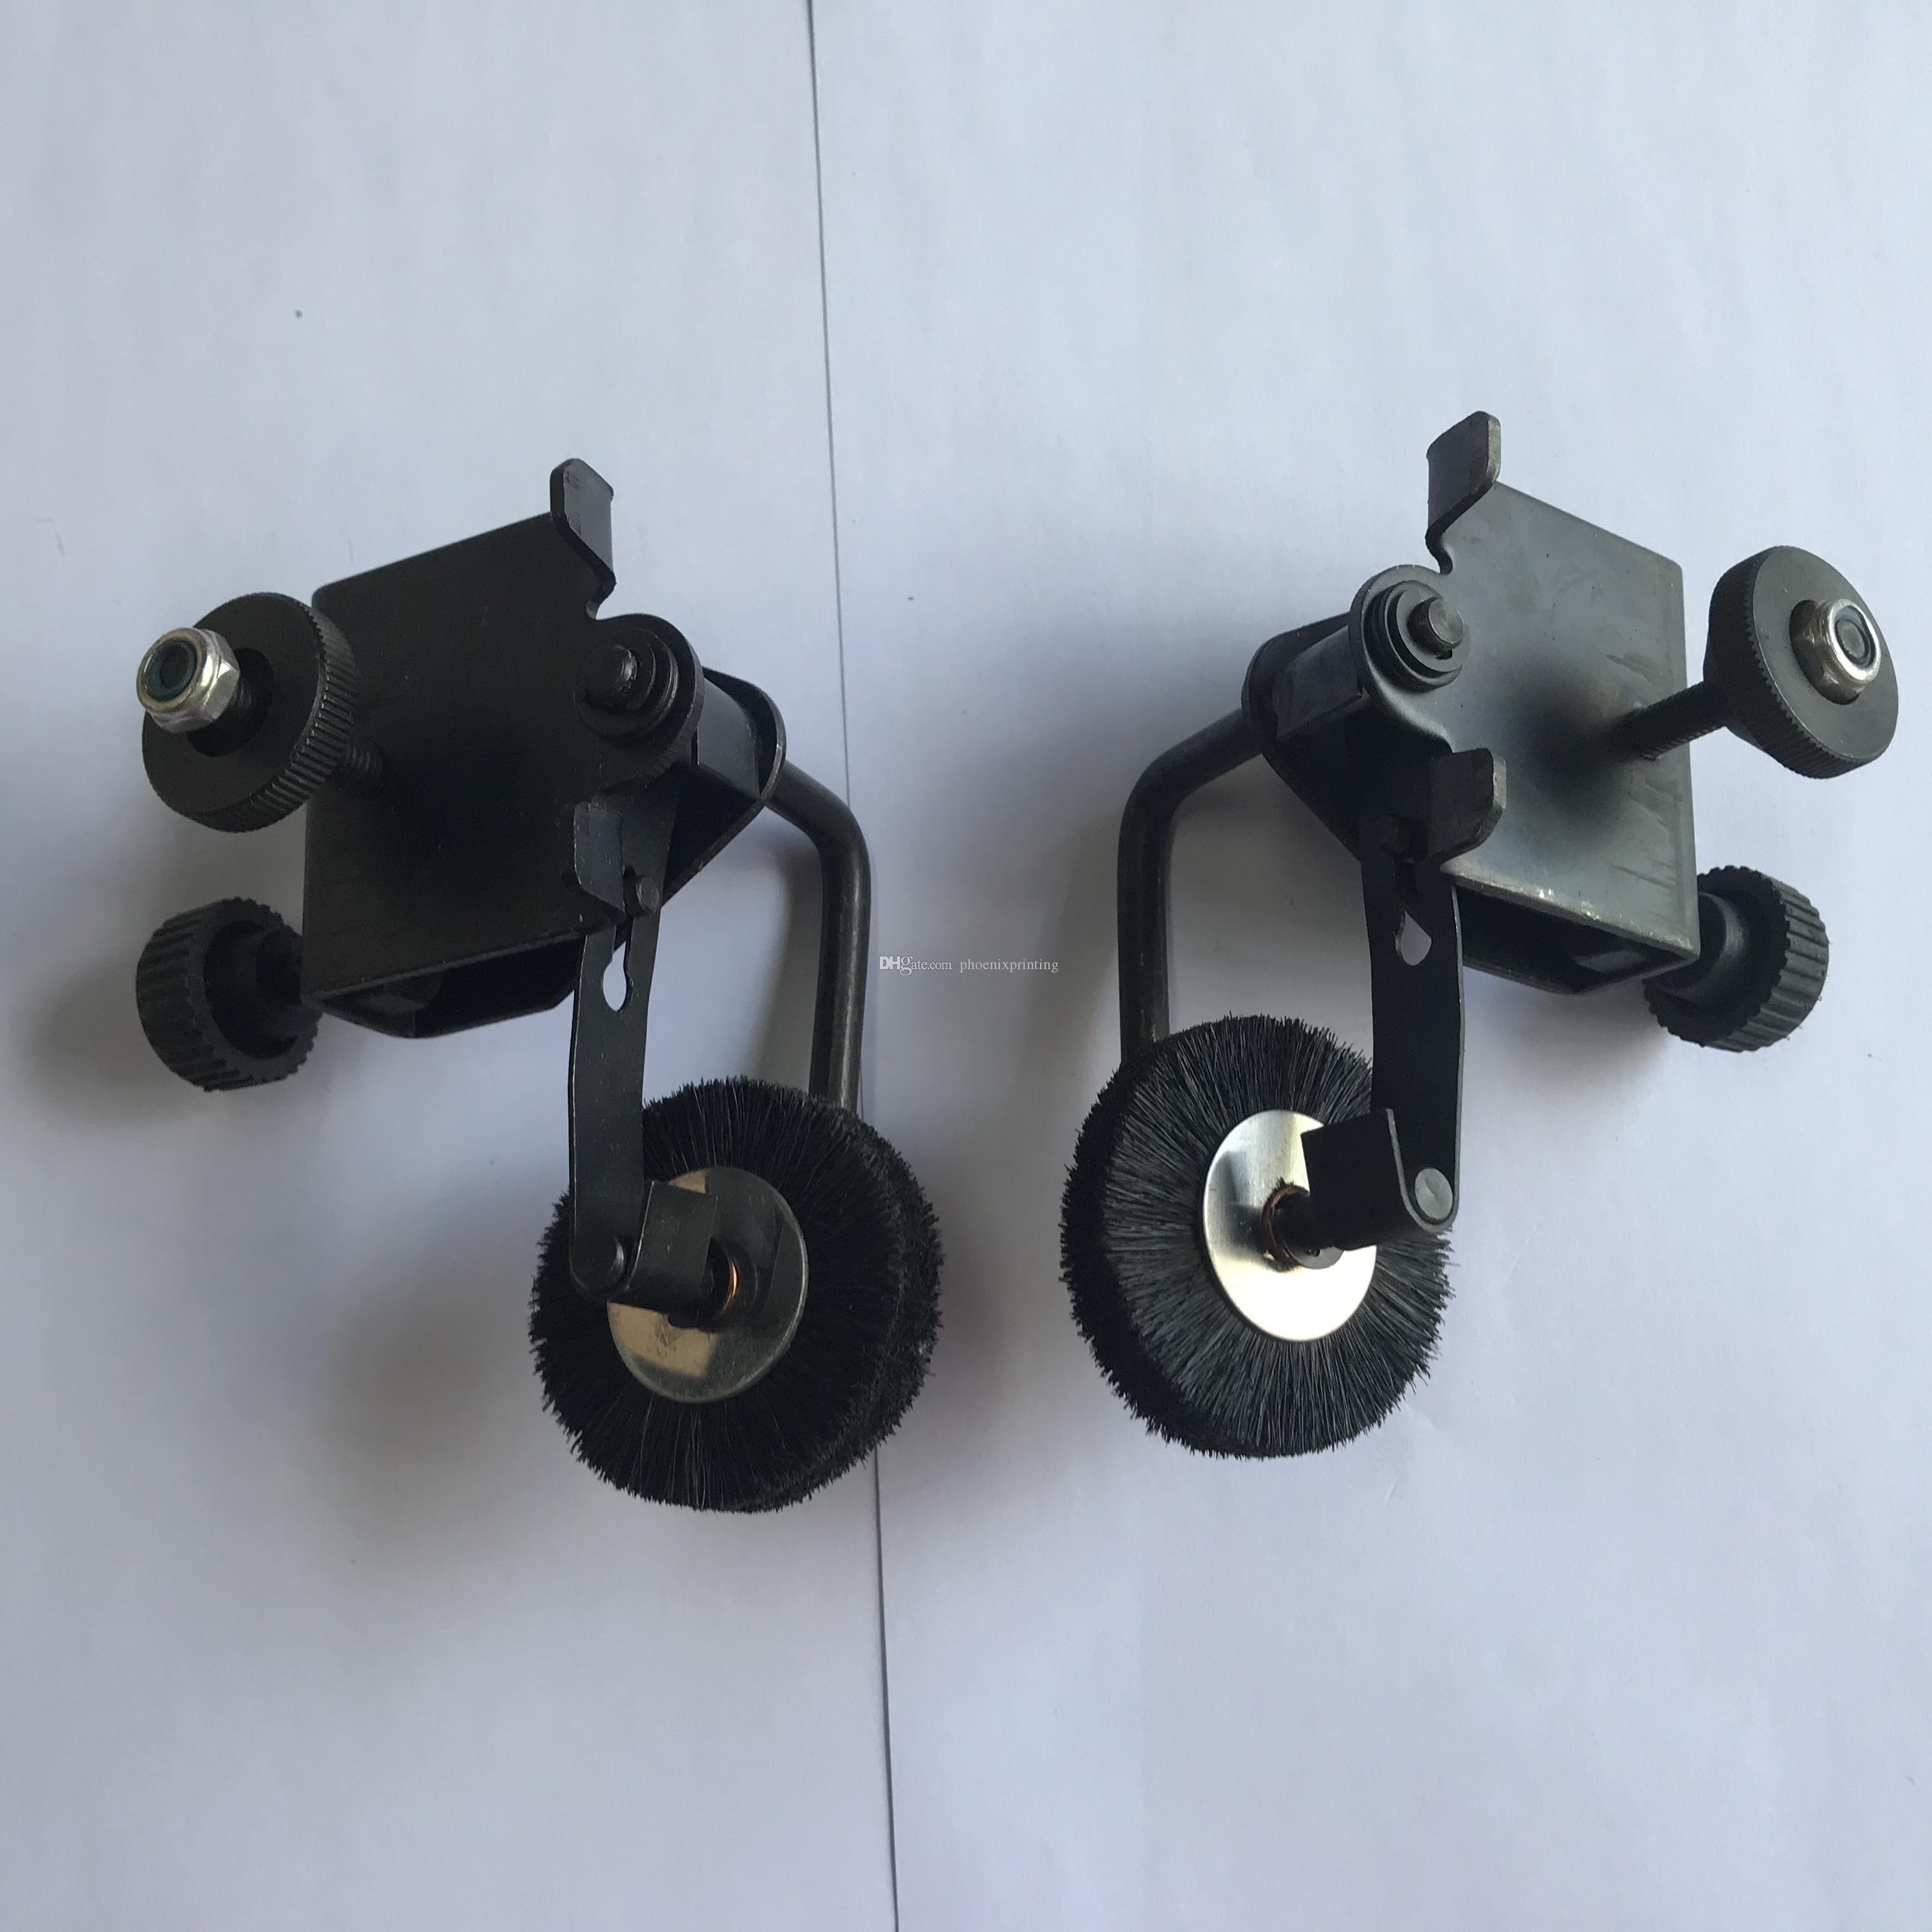 Phoenix bir çifti roland 700 fırça tekerlek yüksek kalite uluslararası standart sıcak satış